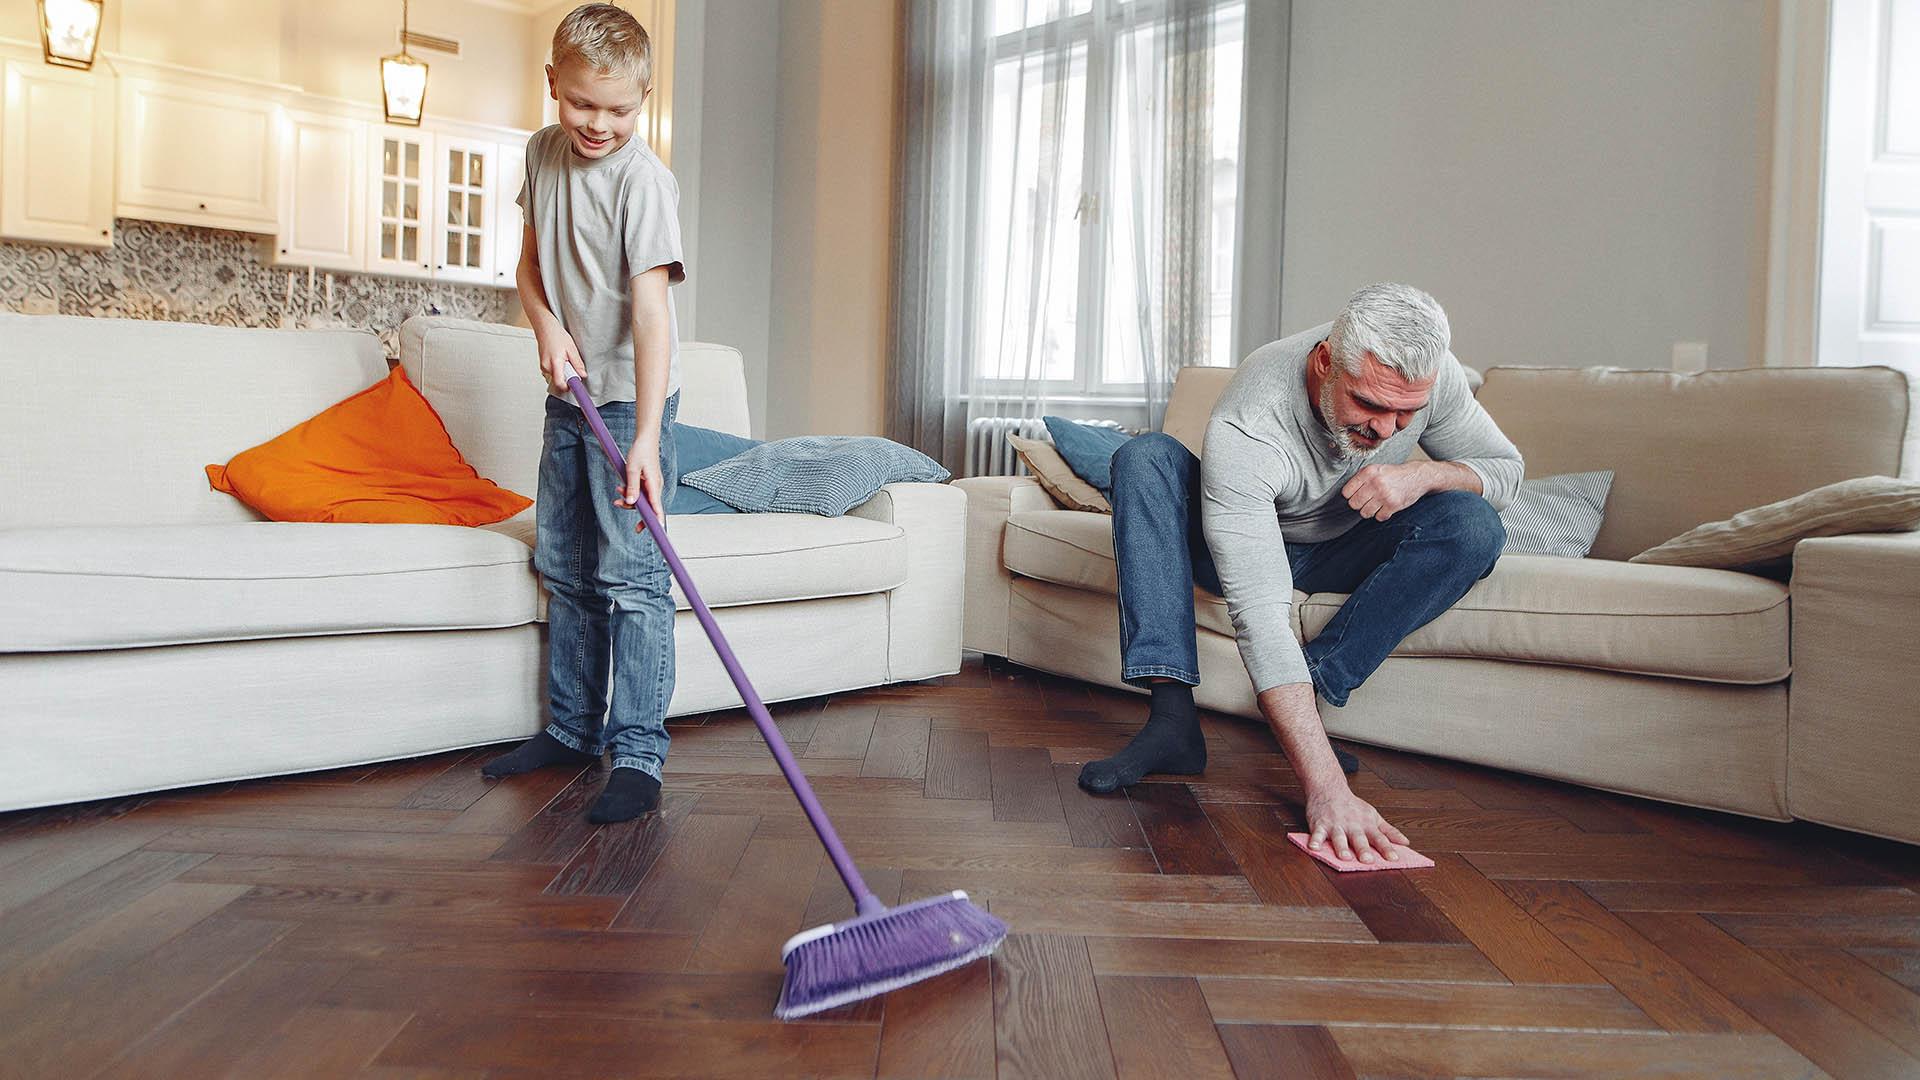 Zimmer Putzen Opa mit Sohn